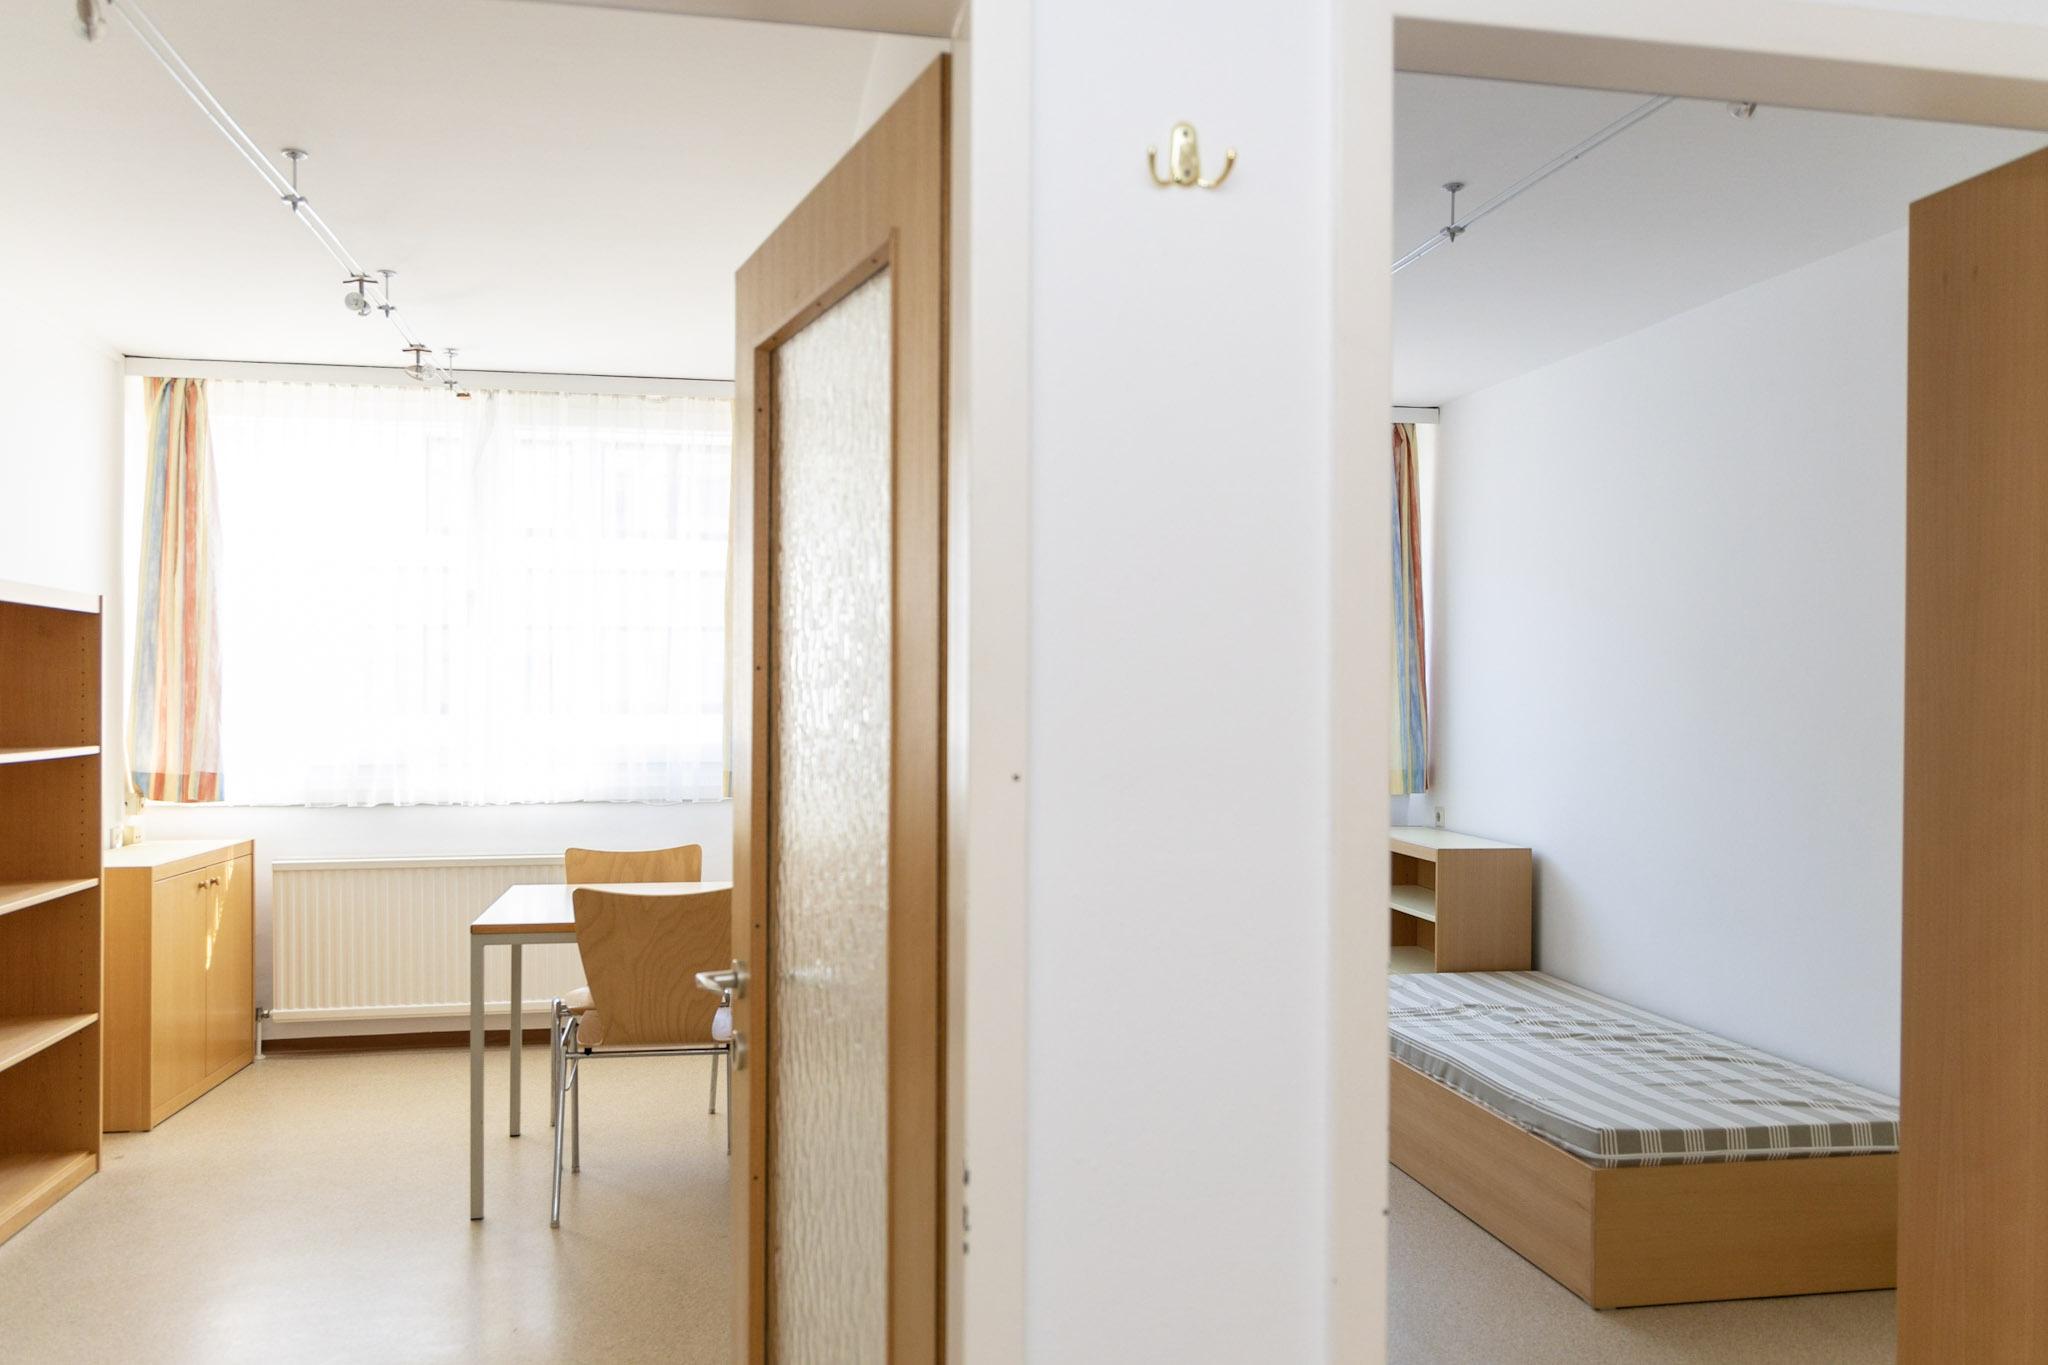 STARTPLATZ Zweibett-Zimmer